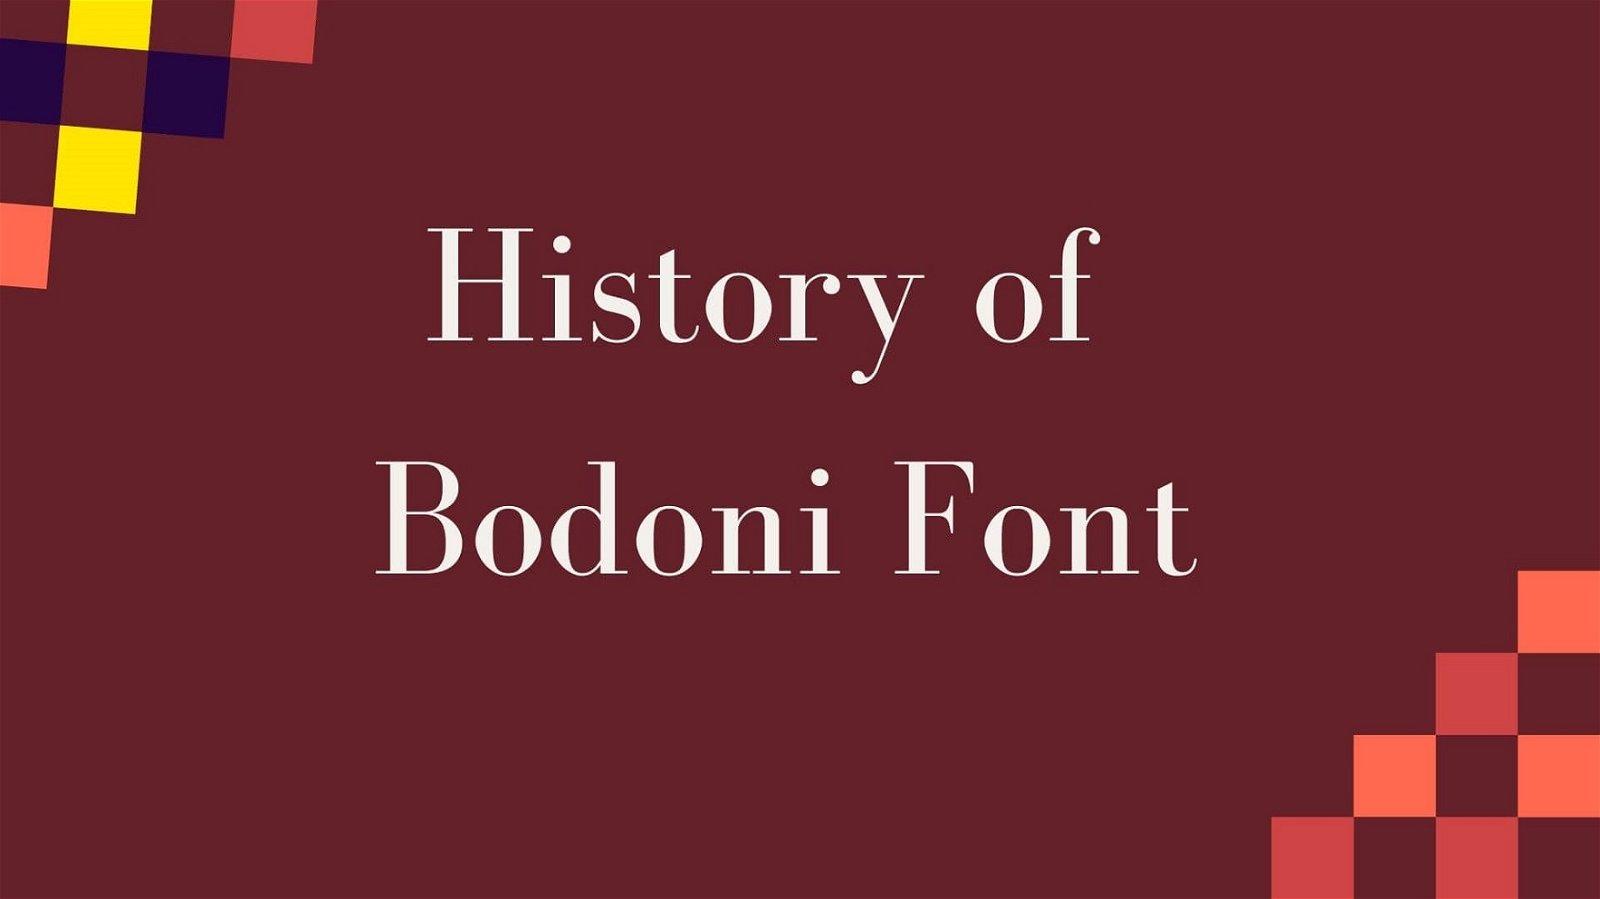 History of Bodoni Font